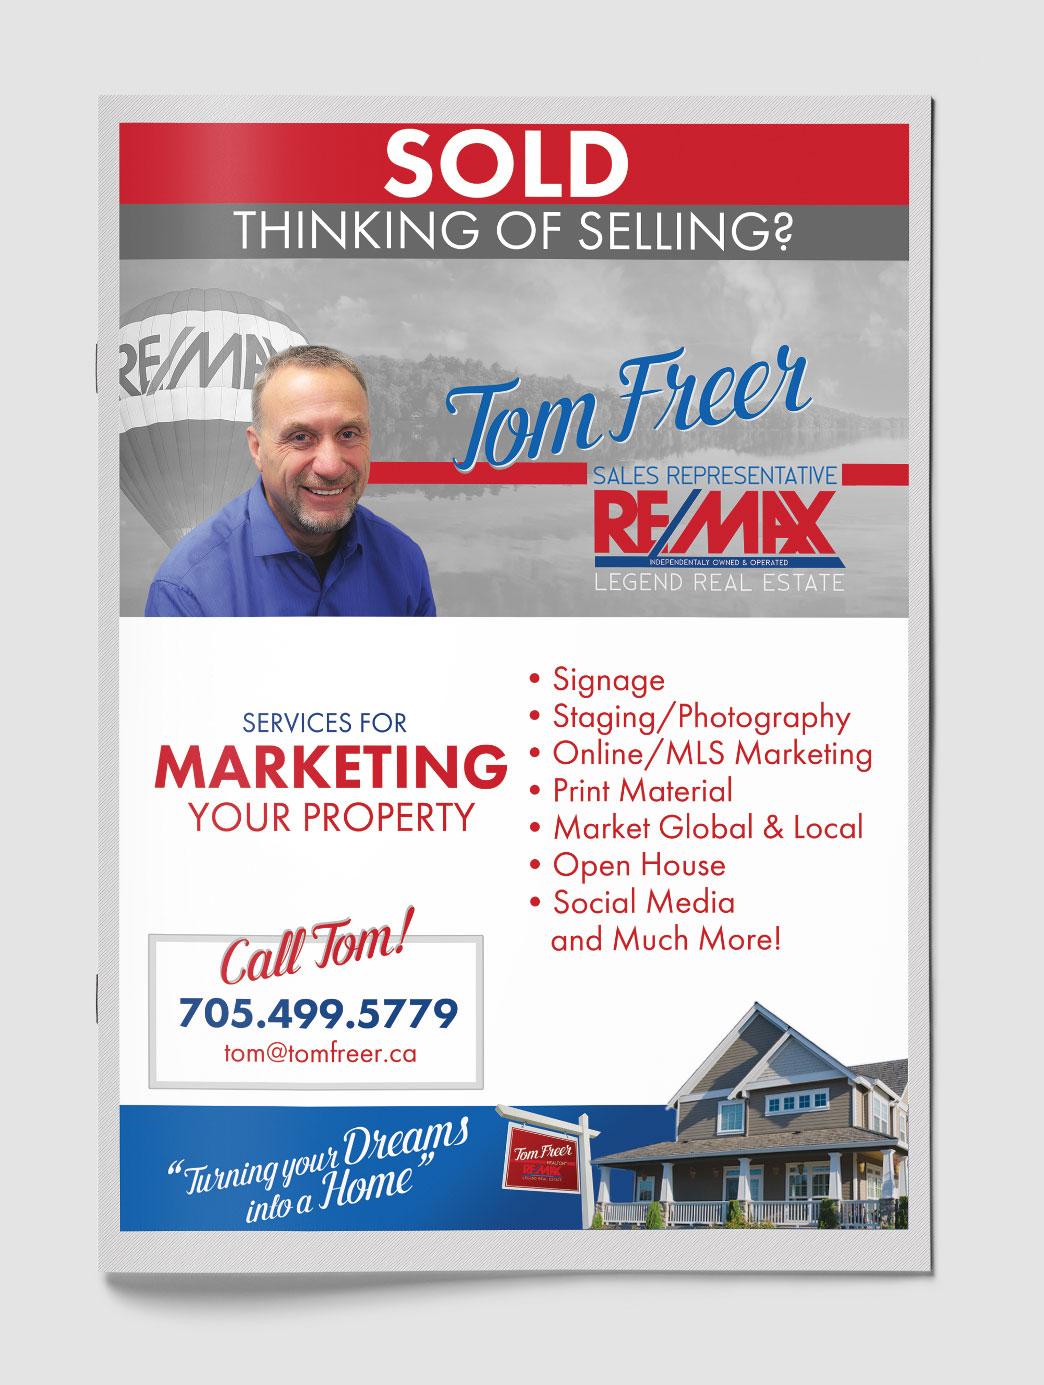 sell-tom-freer